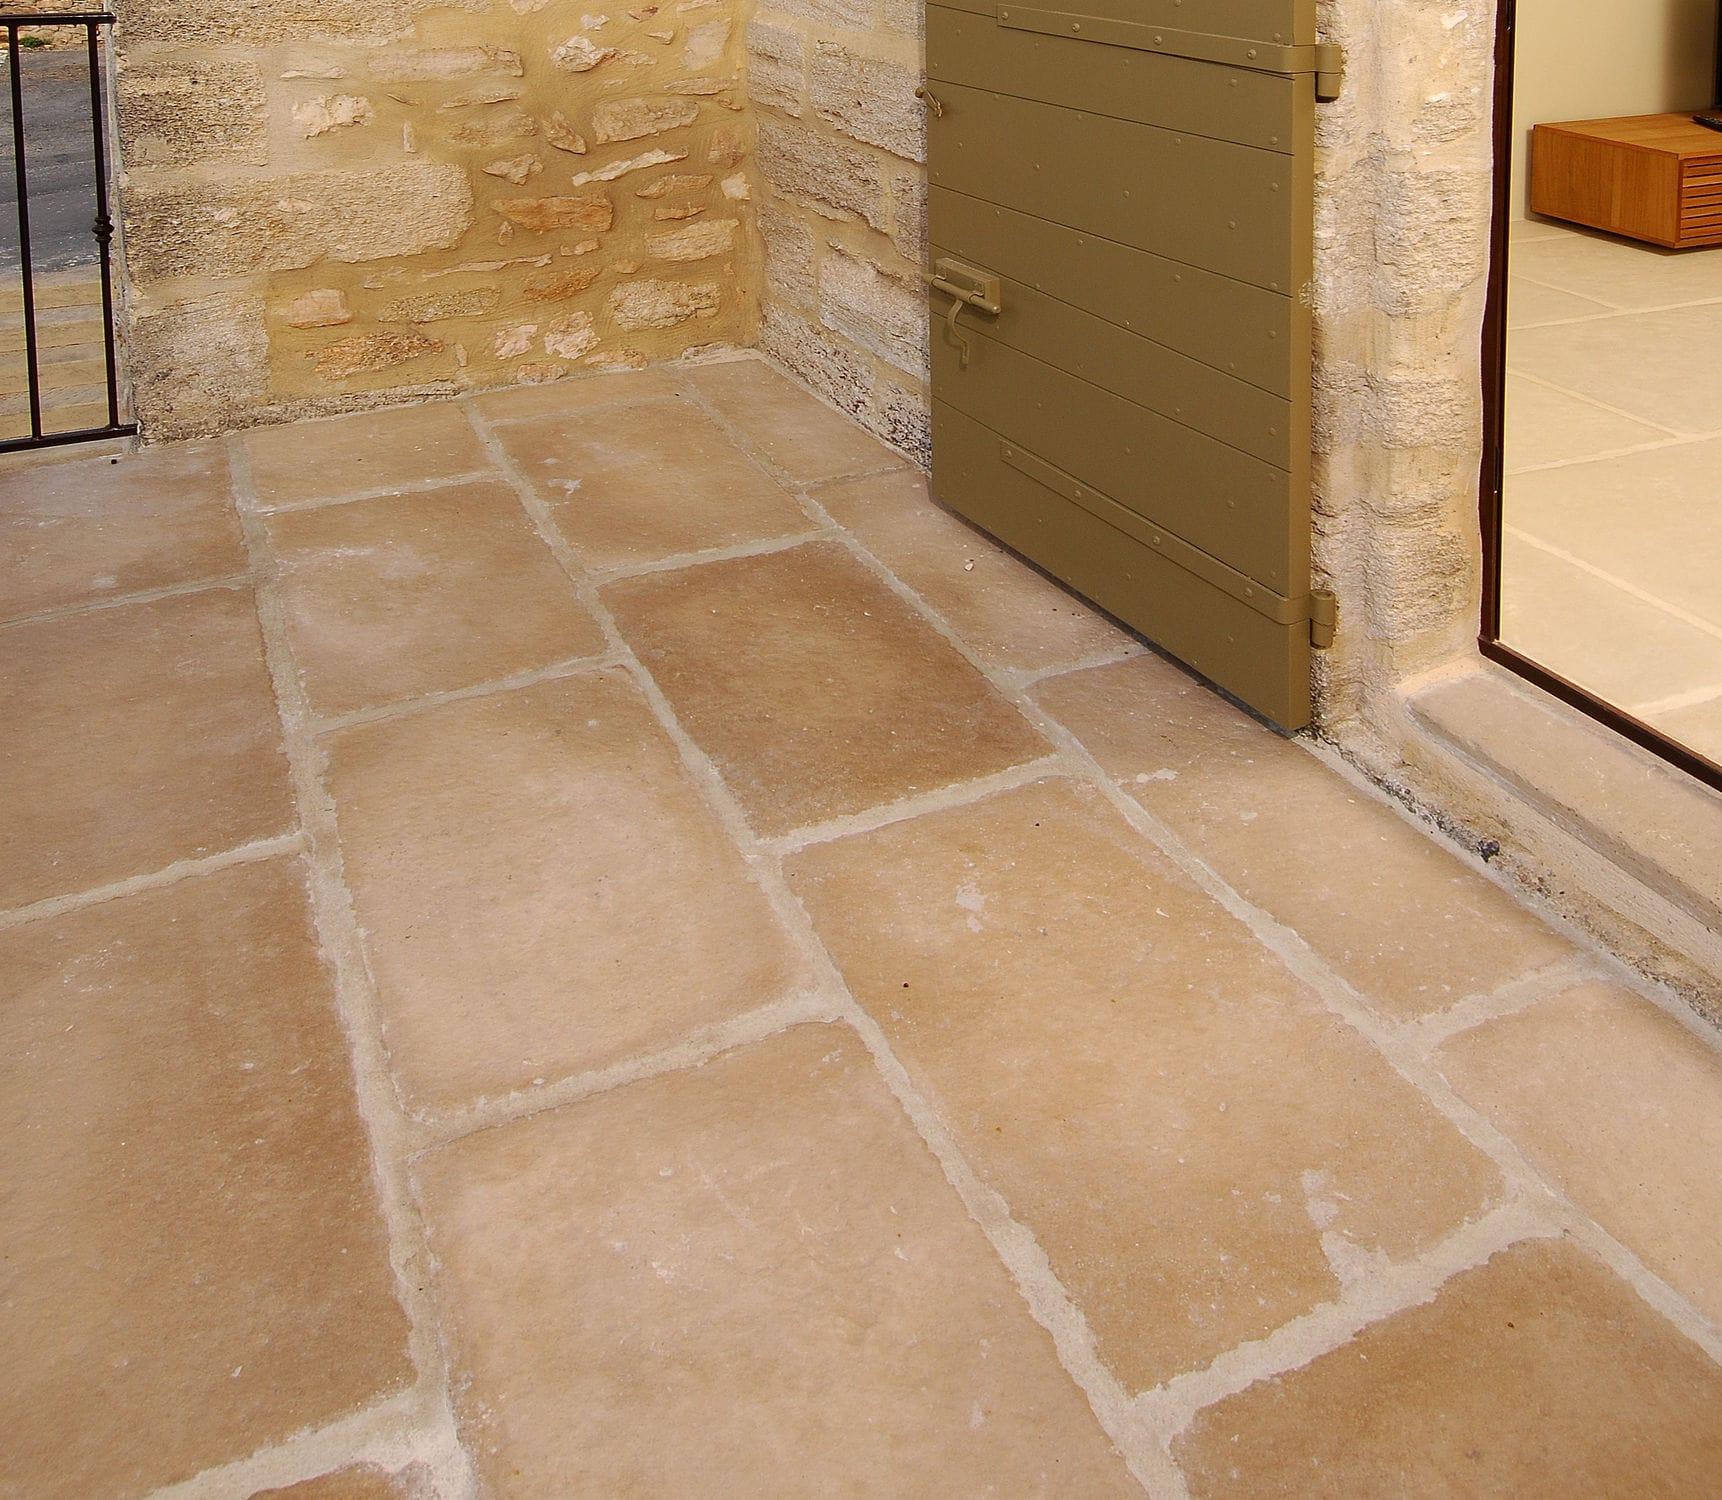 Outdoor tile for floors concrete matte exterieur vieille outdoor tile for floors concrete matte exterieur vieille demeure rouviere dailygadgetfo Image collections